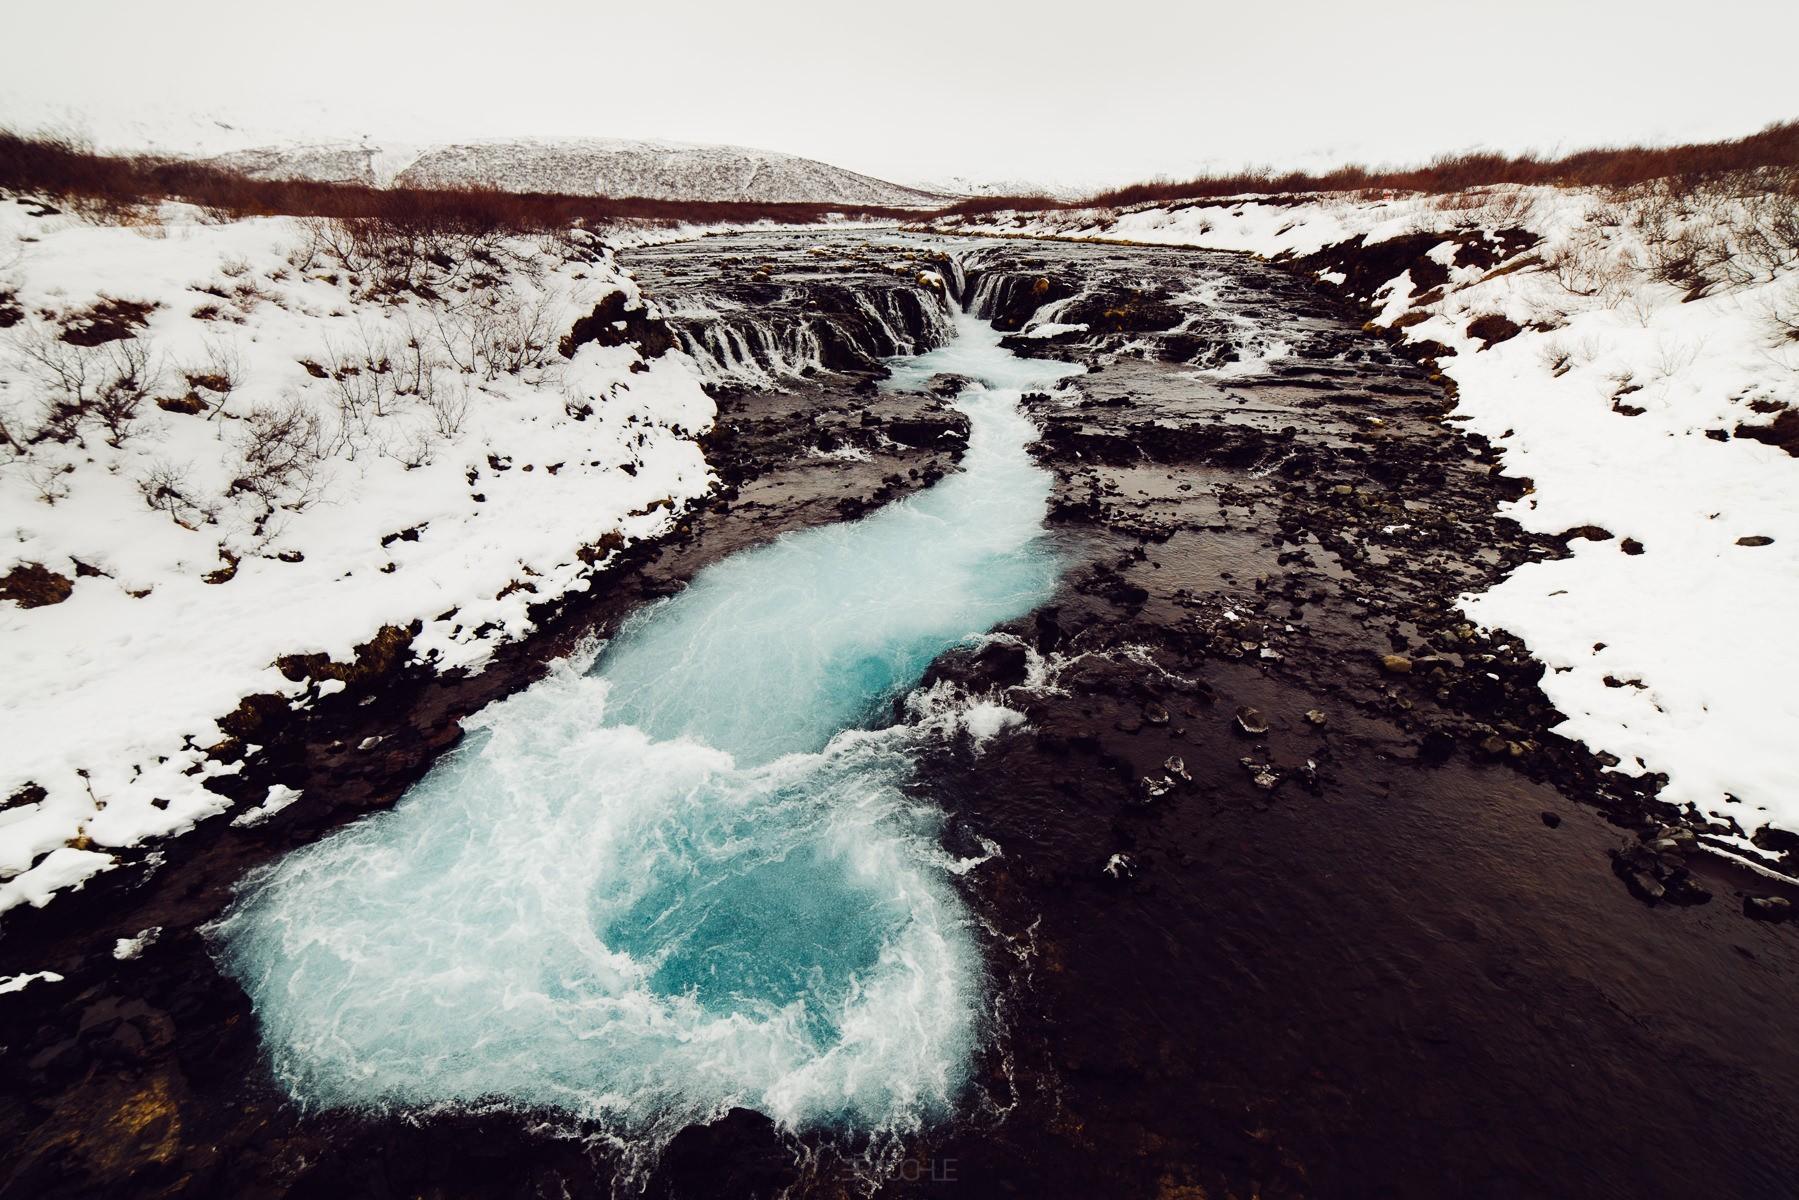 Island  Bruarfoss Wasserfall bei Geysir  Fotograf KonstanzBodensee